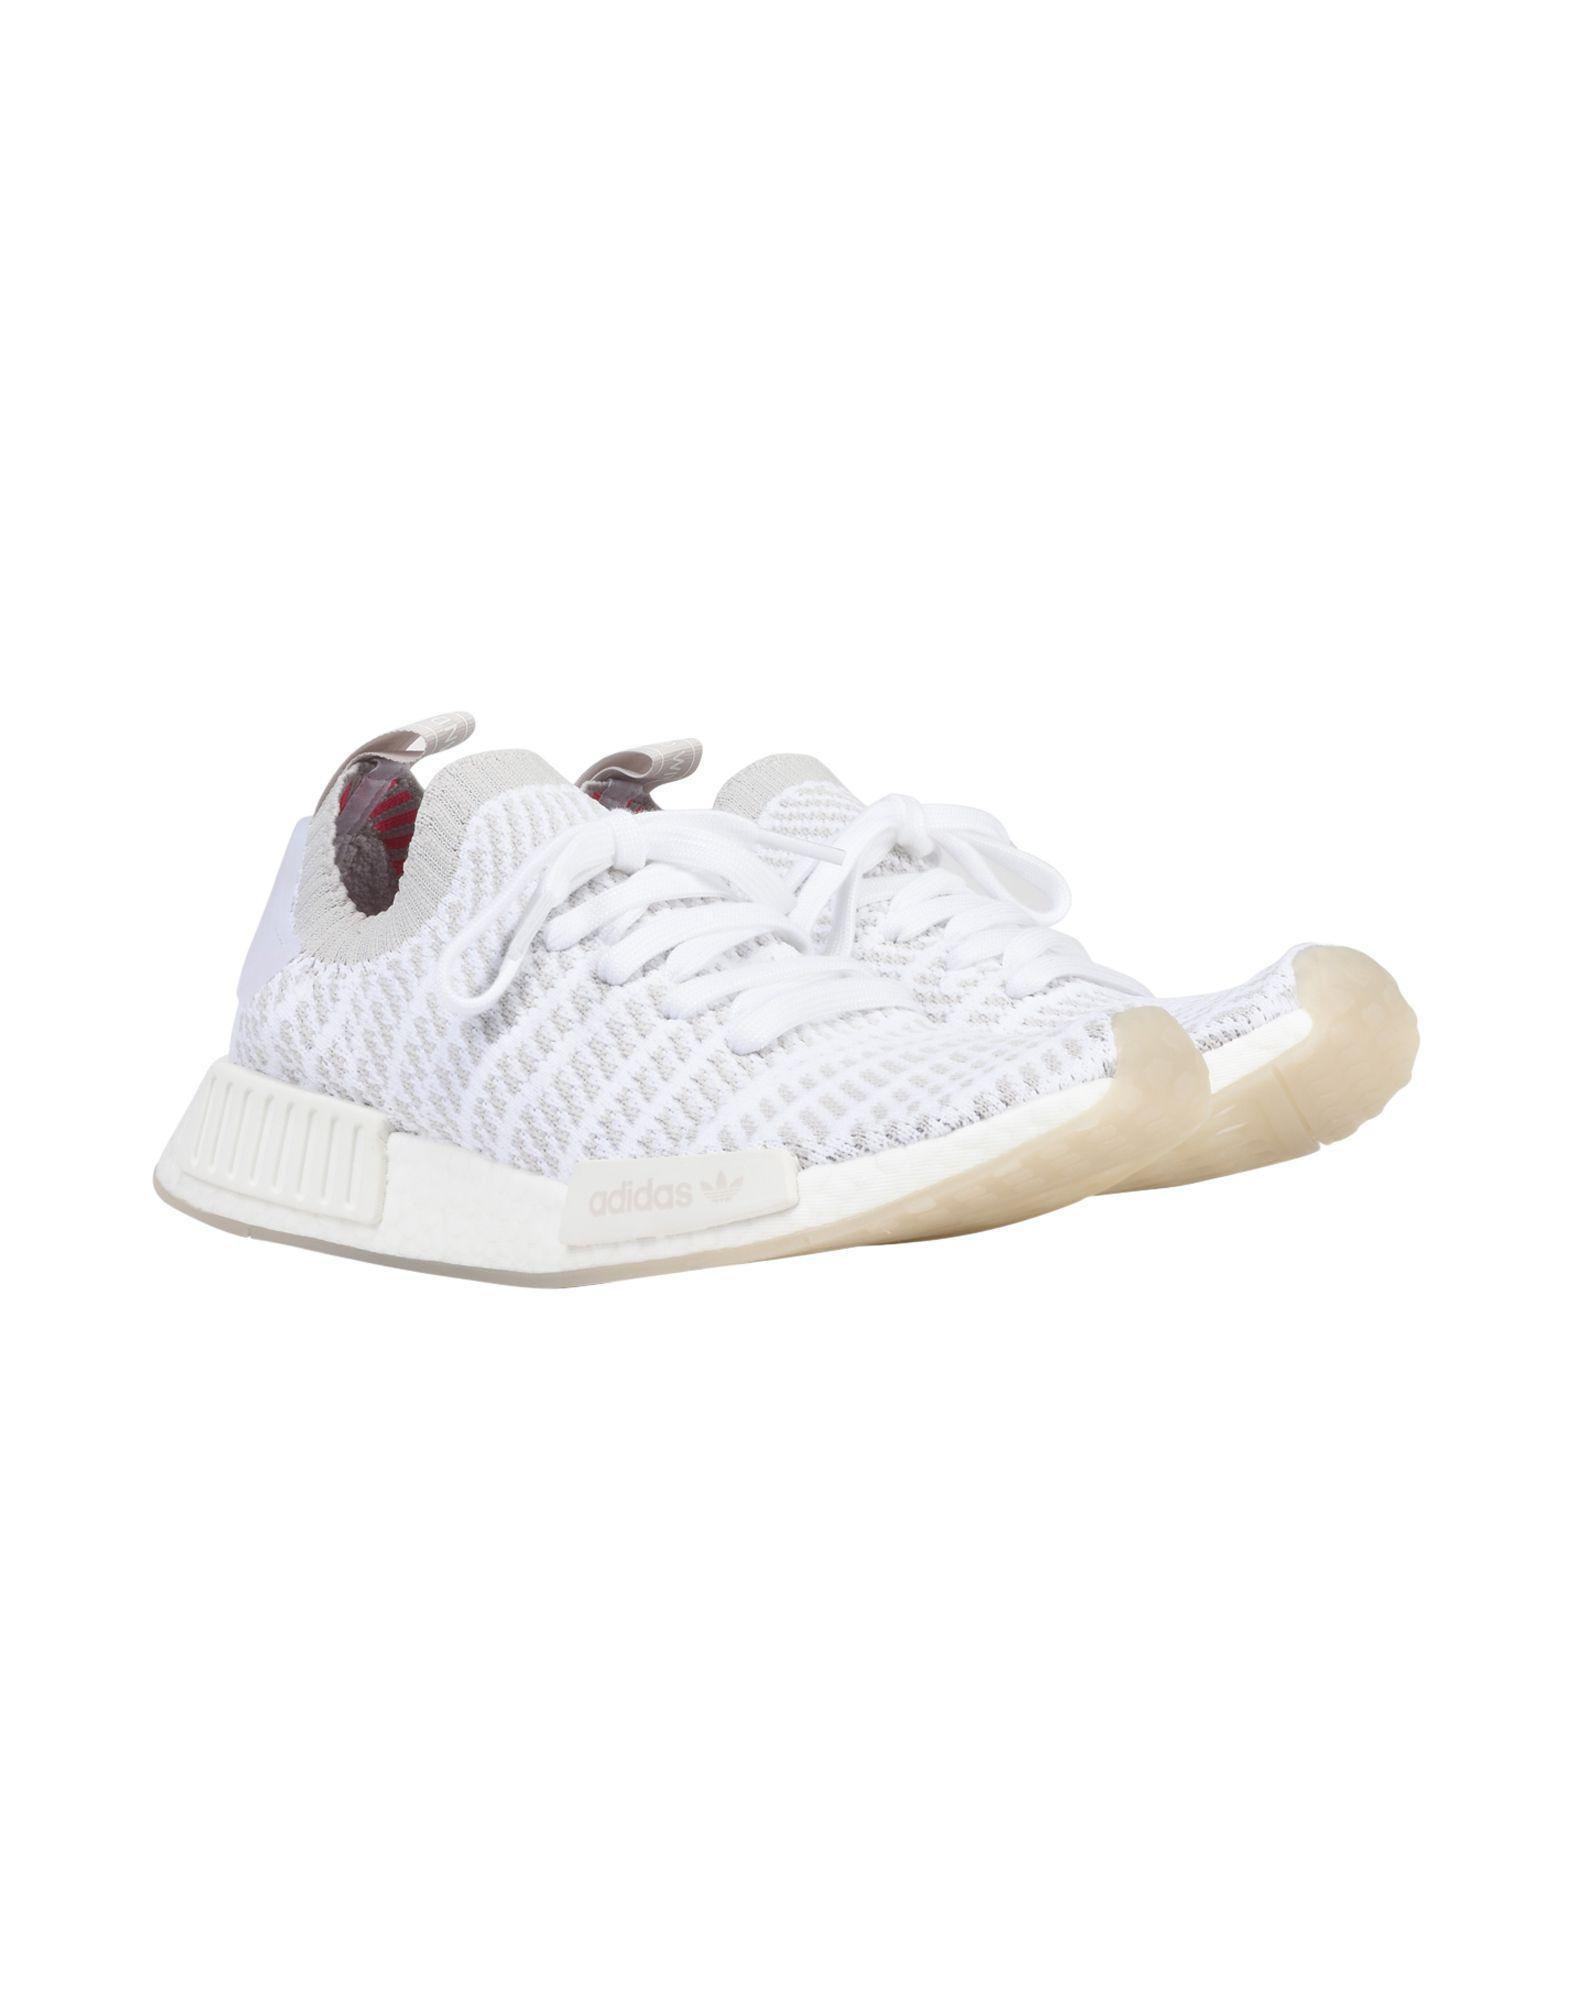 Adidas Originals Nmd_R1 Stlt strapazierfähige Pk 11482488KIGut aussehende strapazierfähige Stlt Schuhe 2c15e4